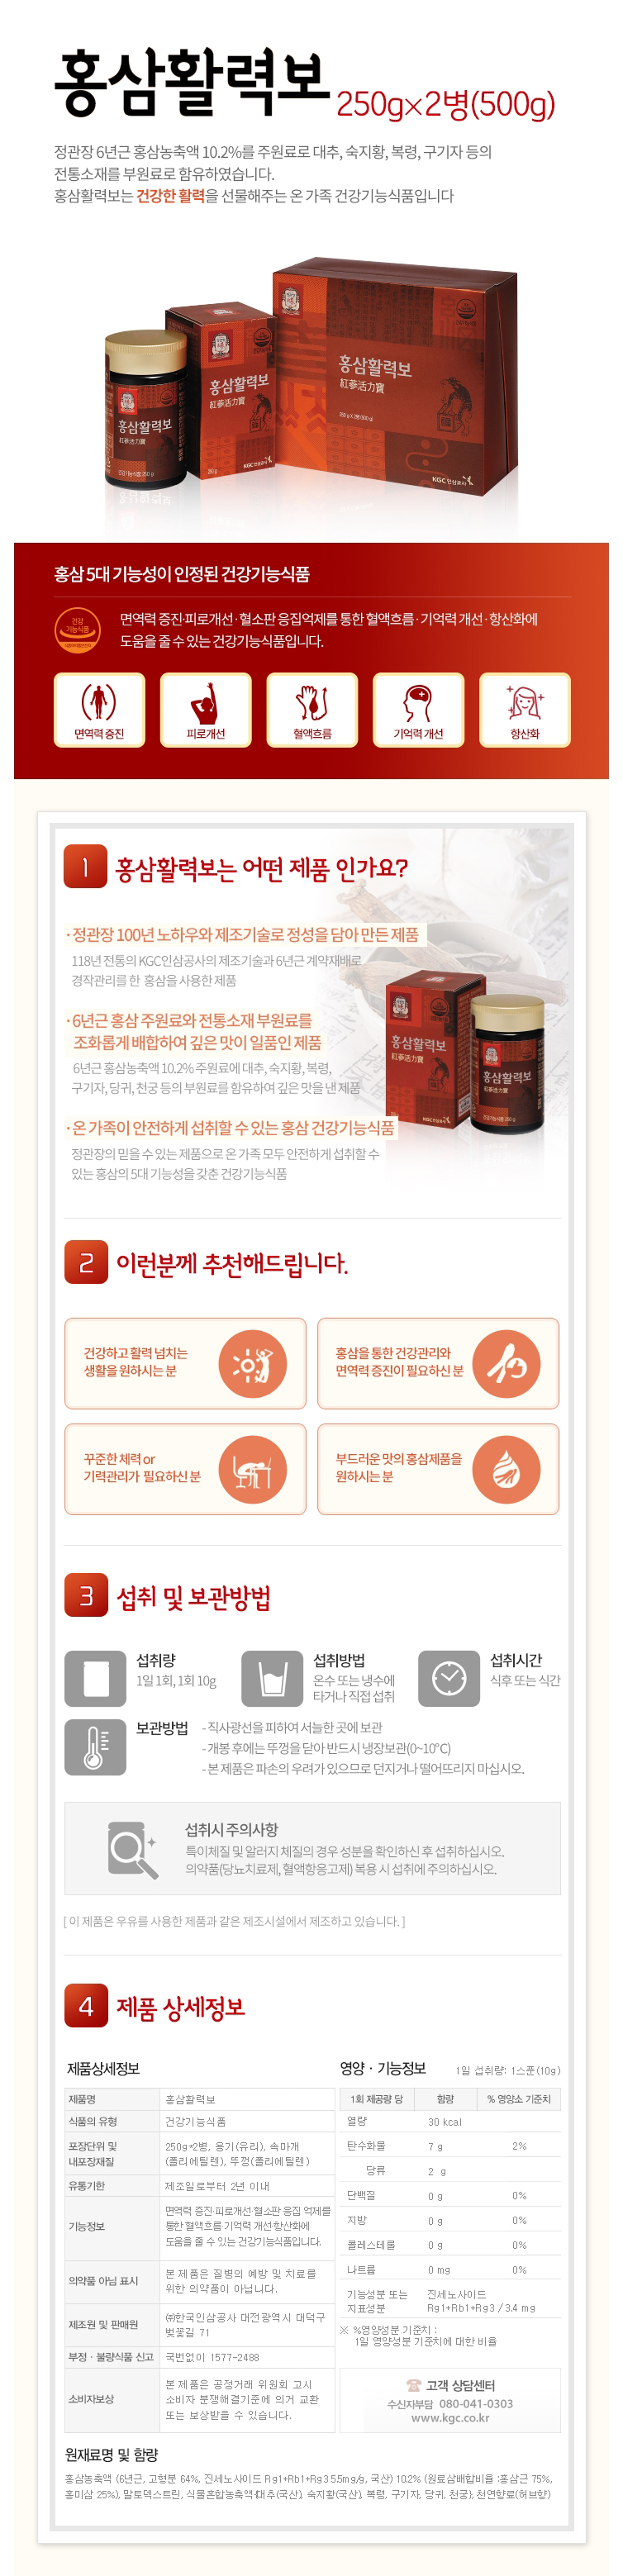 정관장 홍삼활력보세트